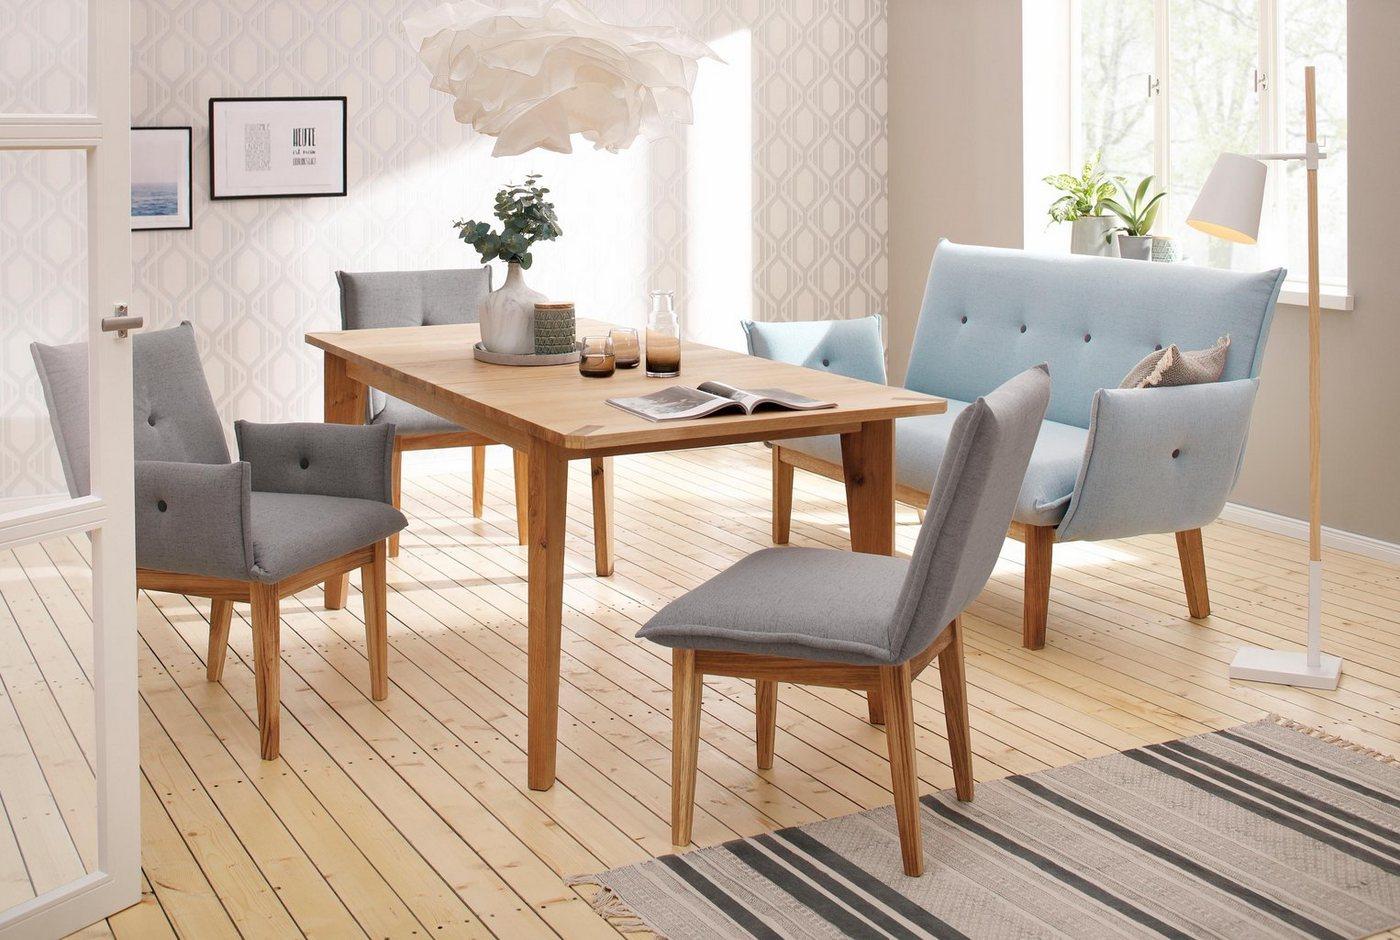 Home affaire Tisch »Libra«, ausziehbar von 160 auf 200 cm